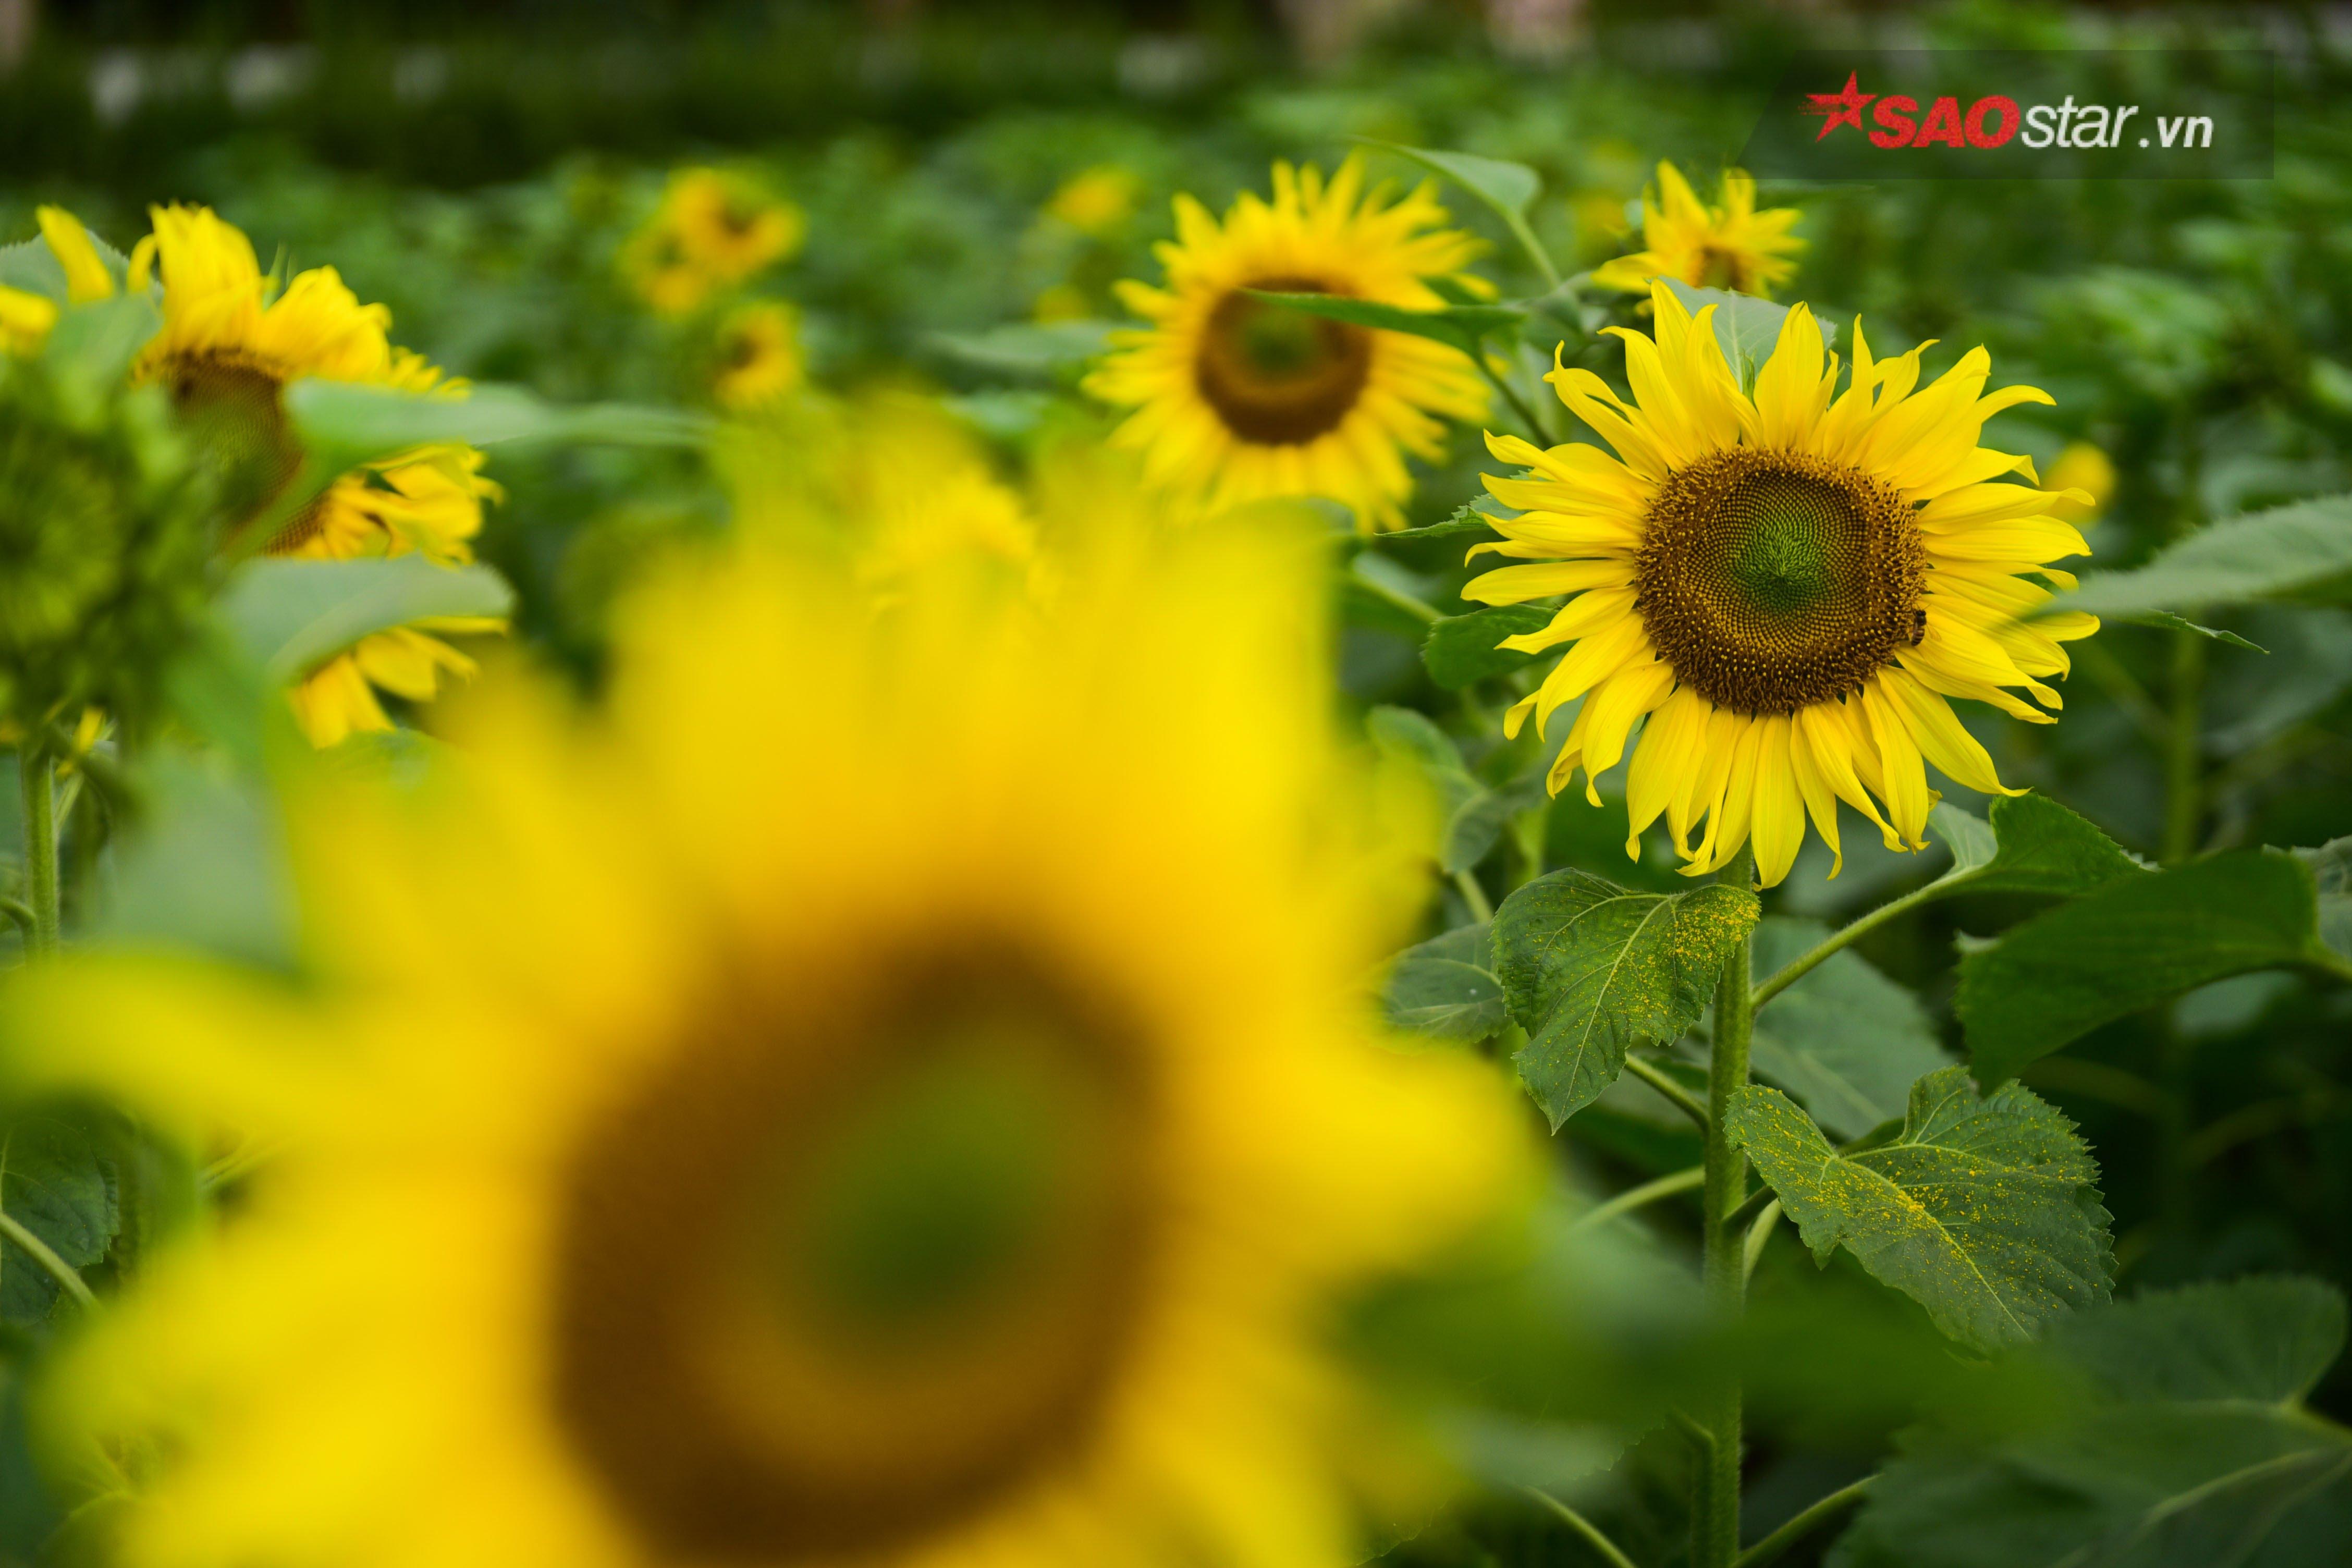 Ban quản lý Di tích cho biết mùa hoa sẽ kéo dài đến tết Nguyên đán để phục vụ người dân du xuân